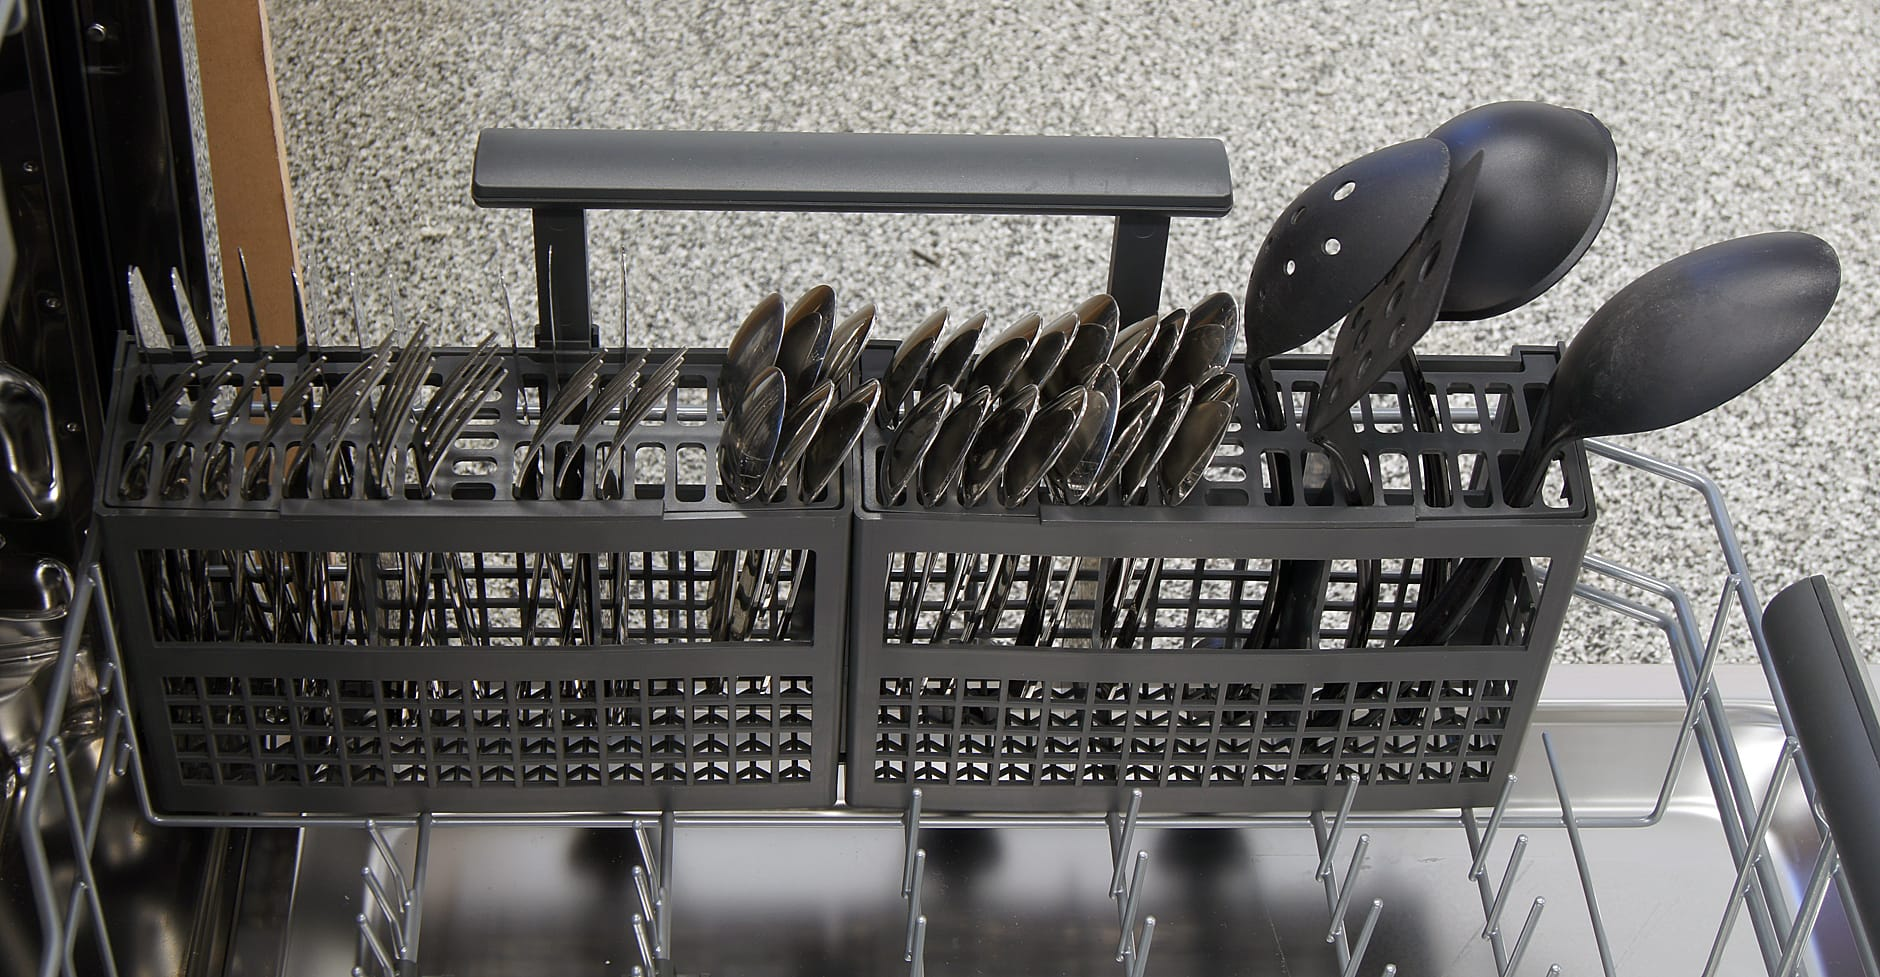 Electrolux EI24ID30QS cutlery basket capacity